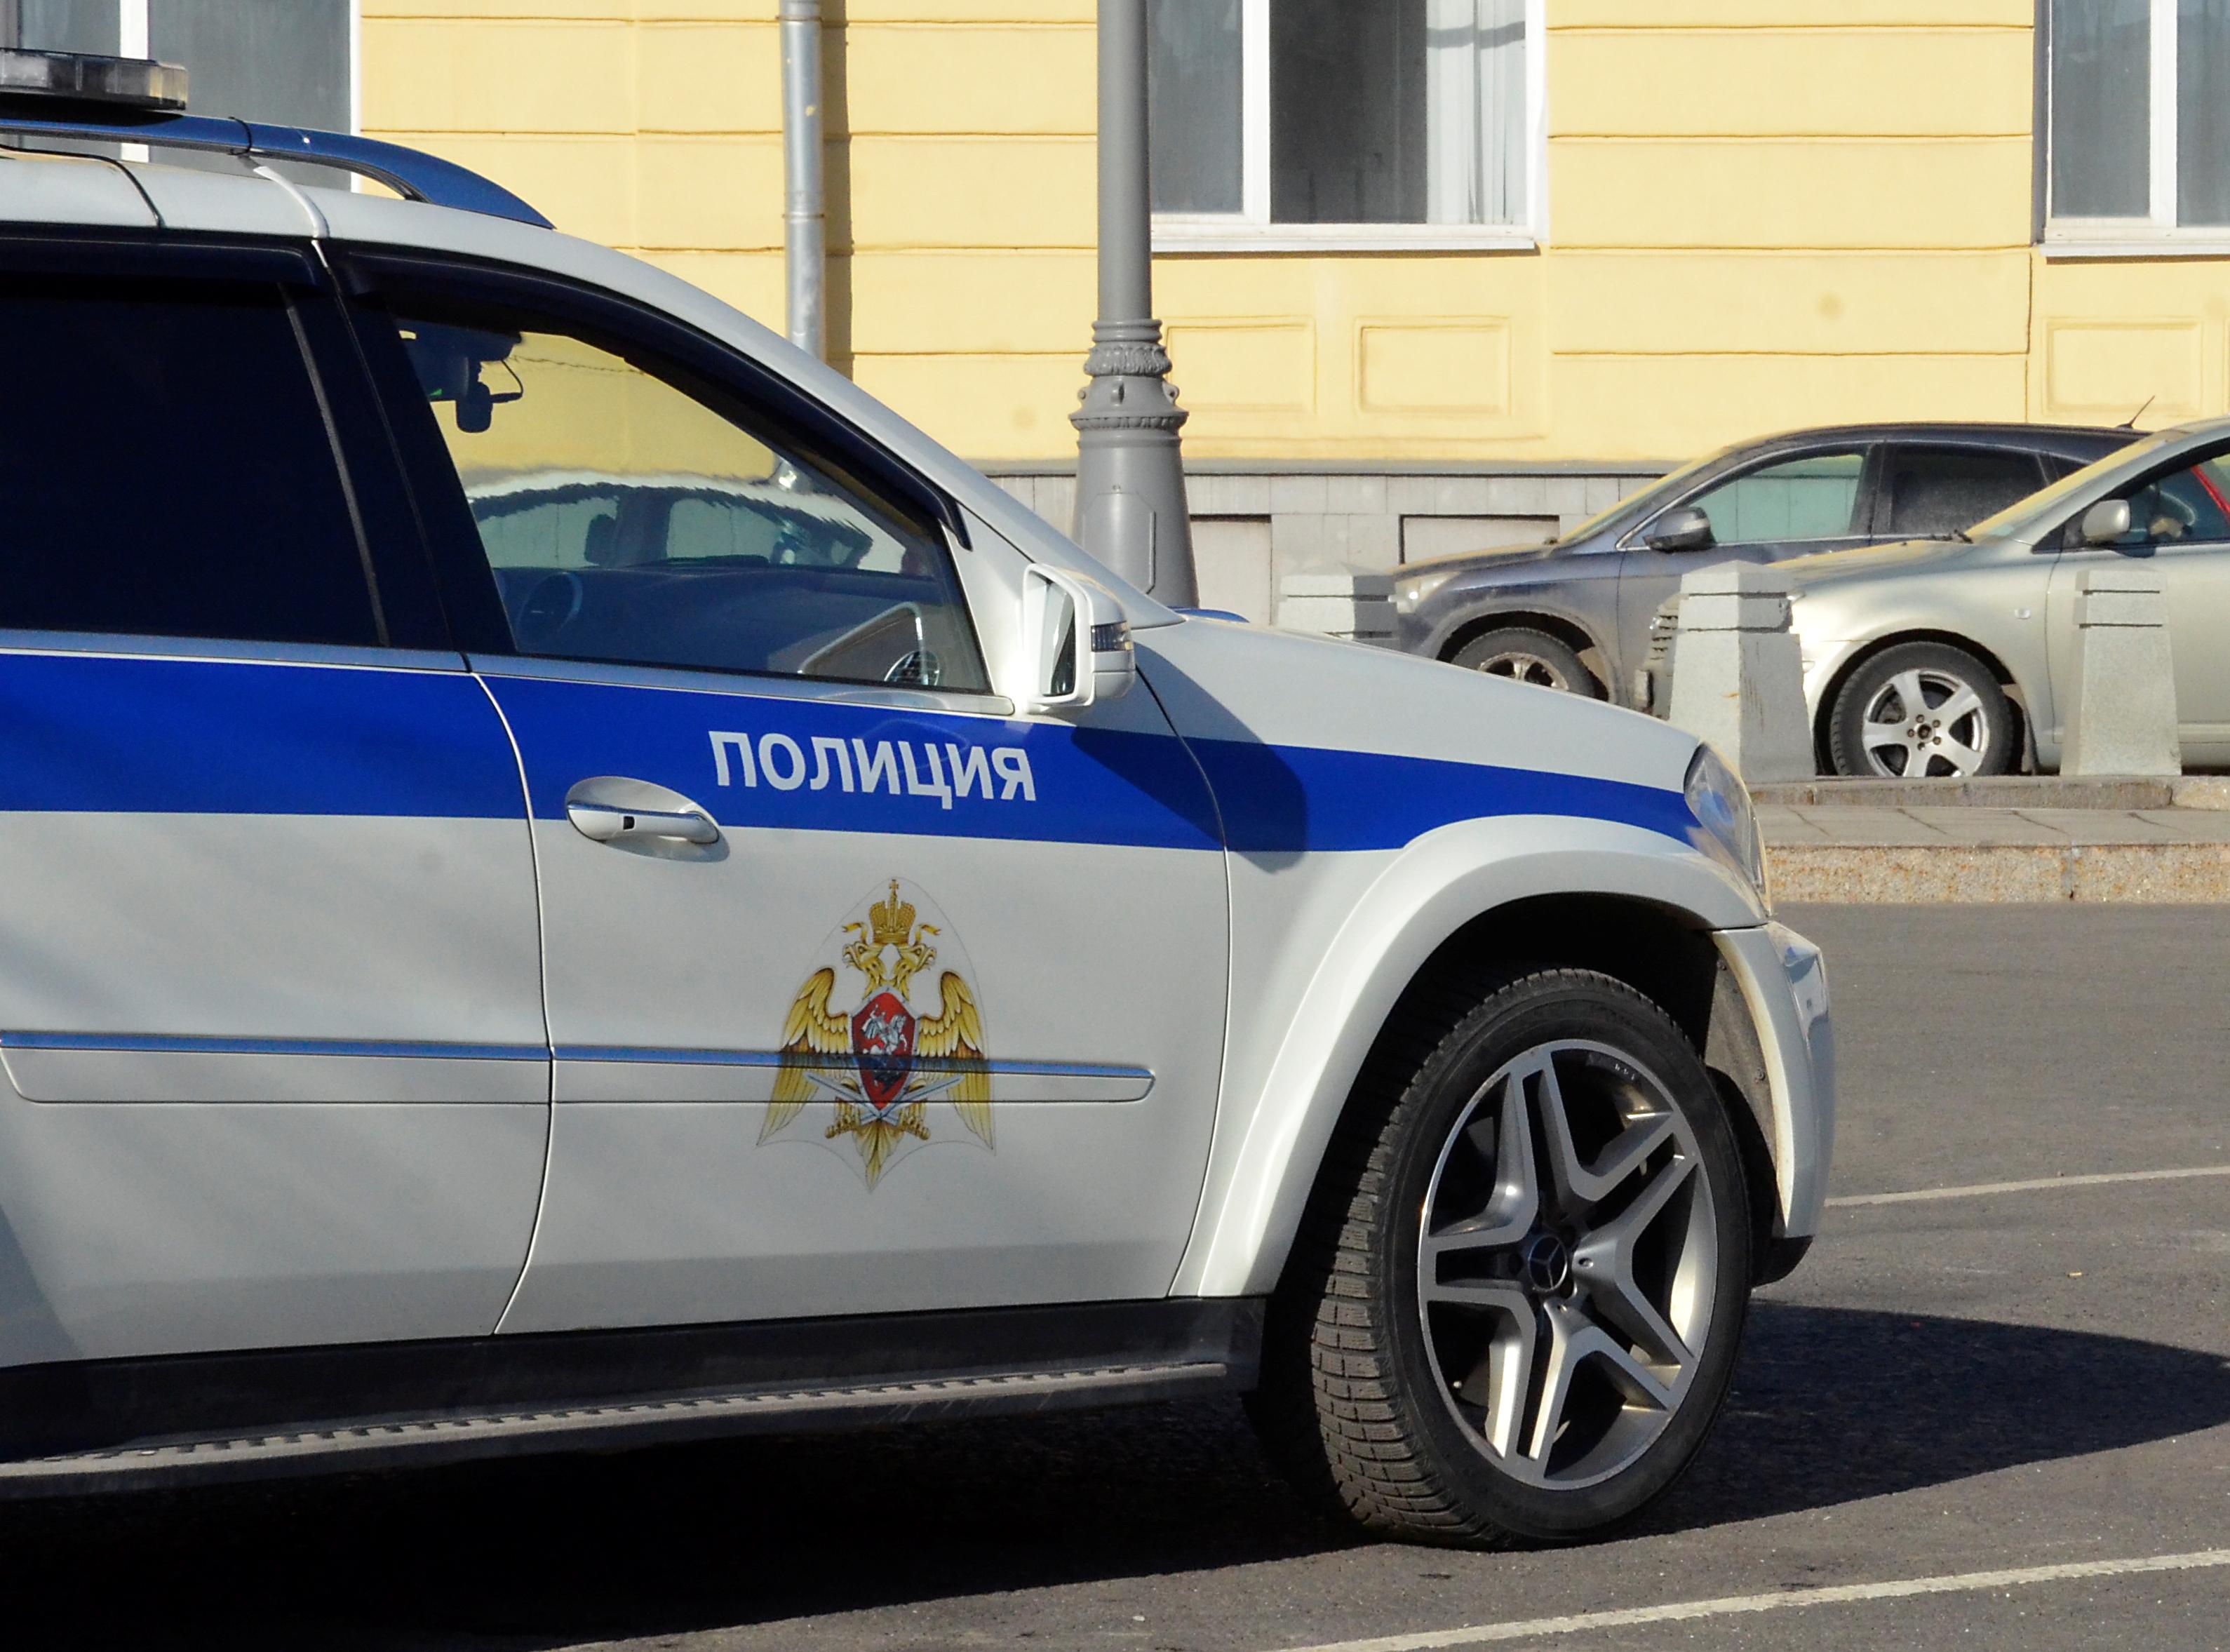 Полицейские района ЮАО задержали подозреваемую в мошенничестве